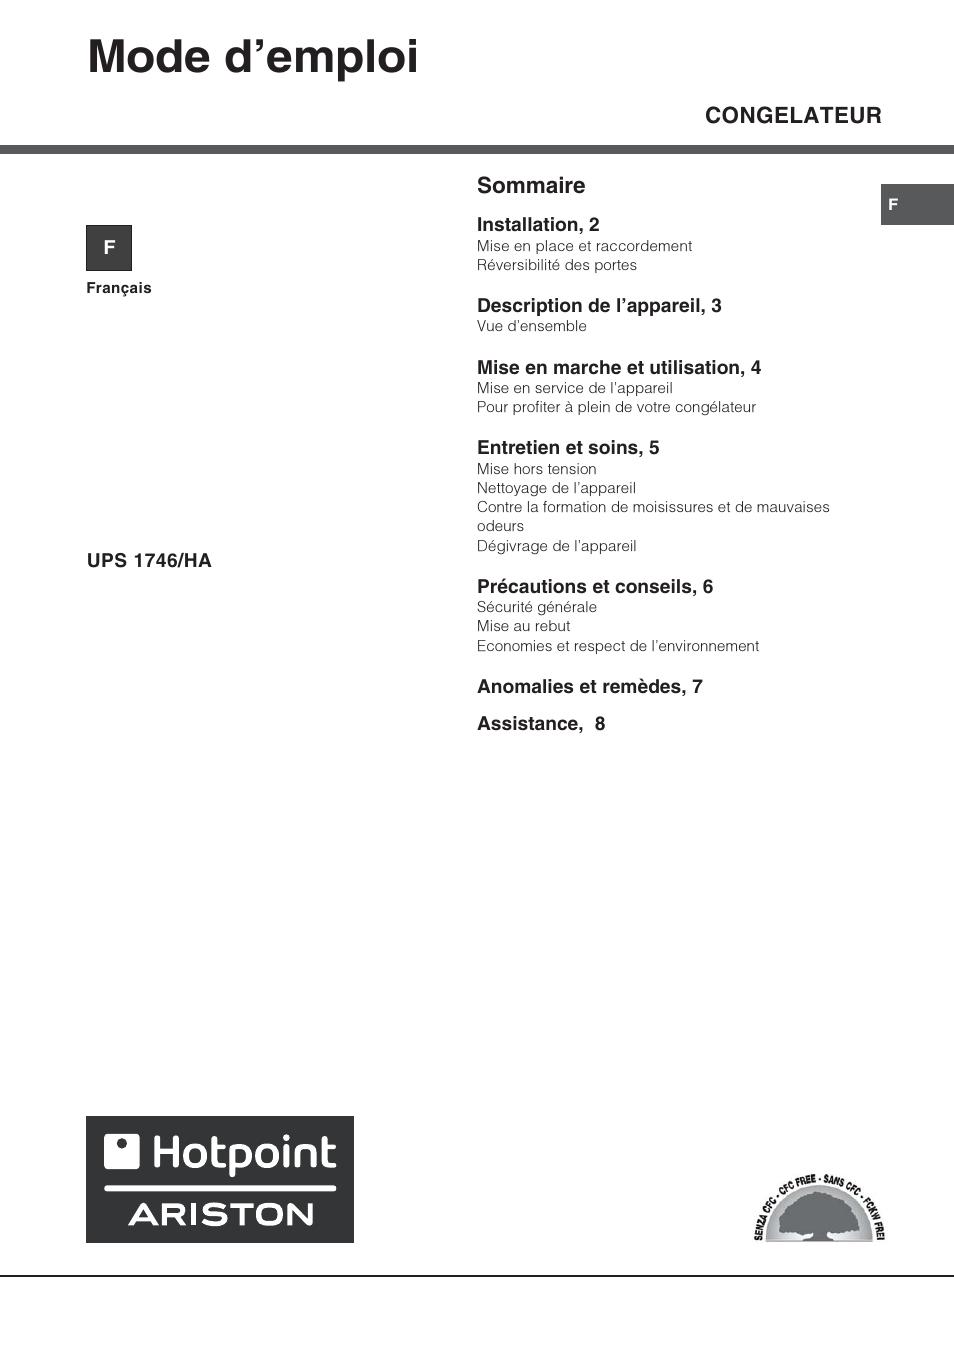 hotpoint ariston ups 1746 ha manuel d 39 utilisation pages 8. Black Bedroom Furniture Sets. Home Design Ideas